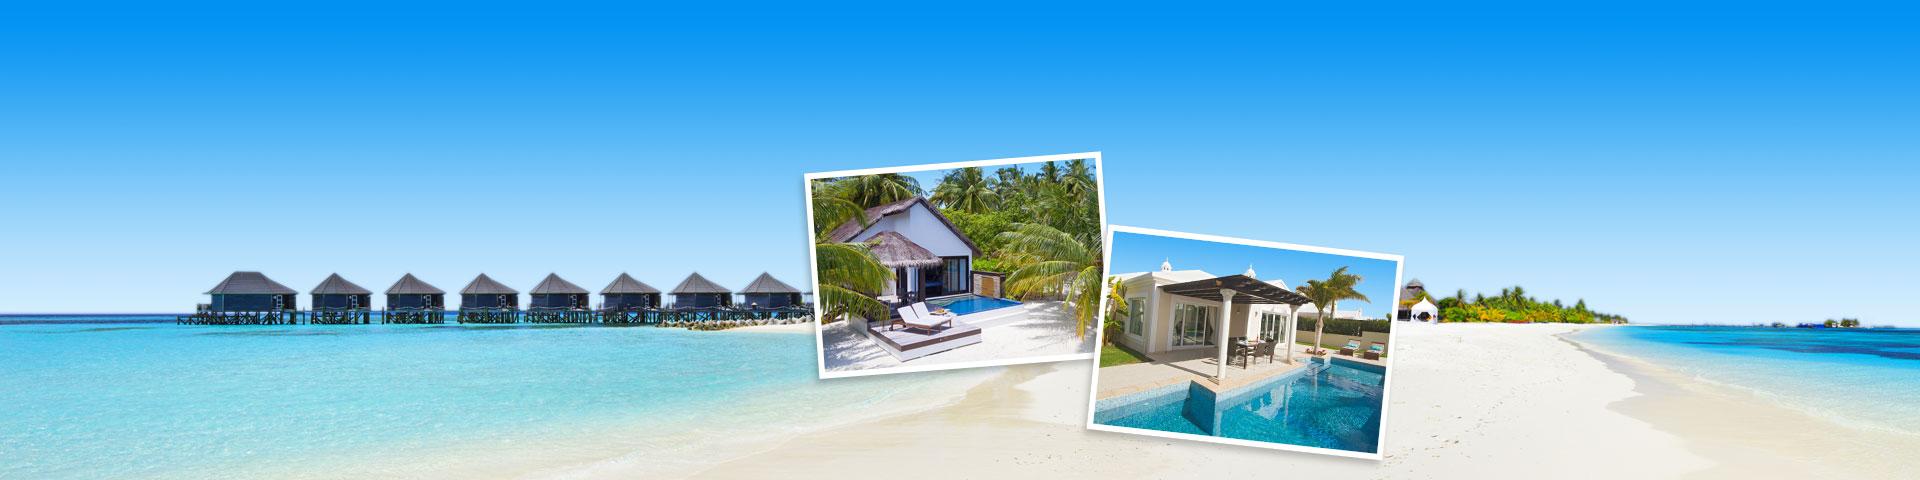 Villa's met privé zwembad